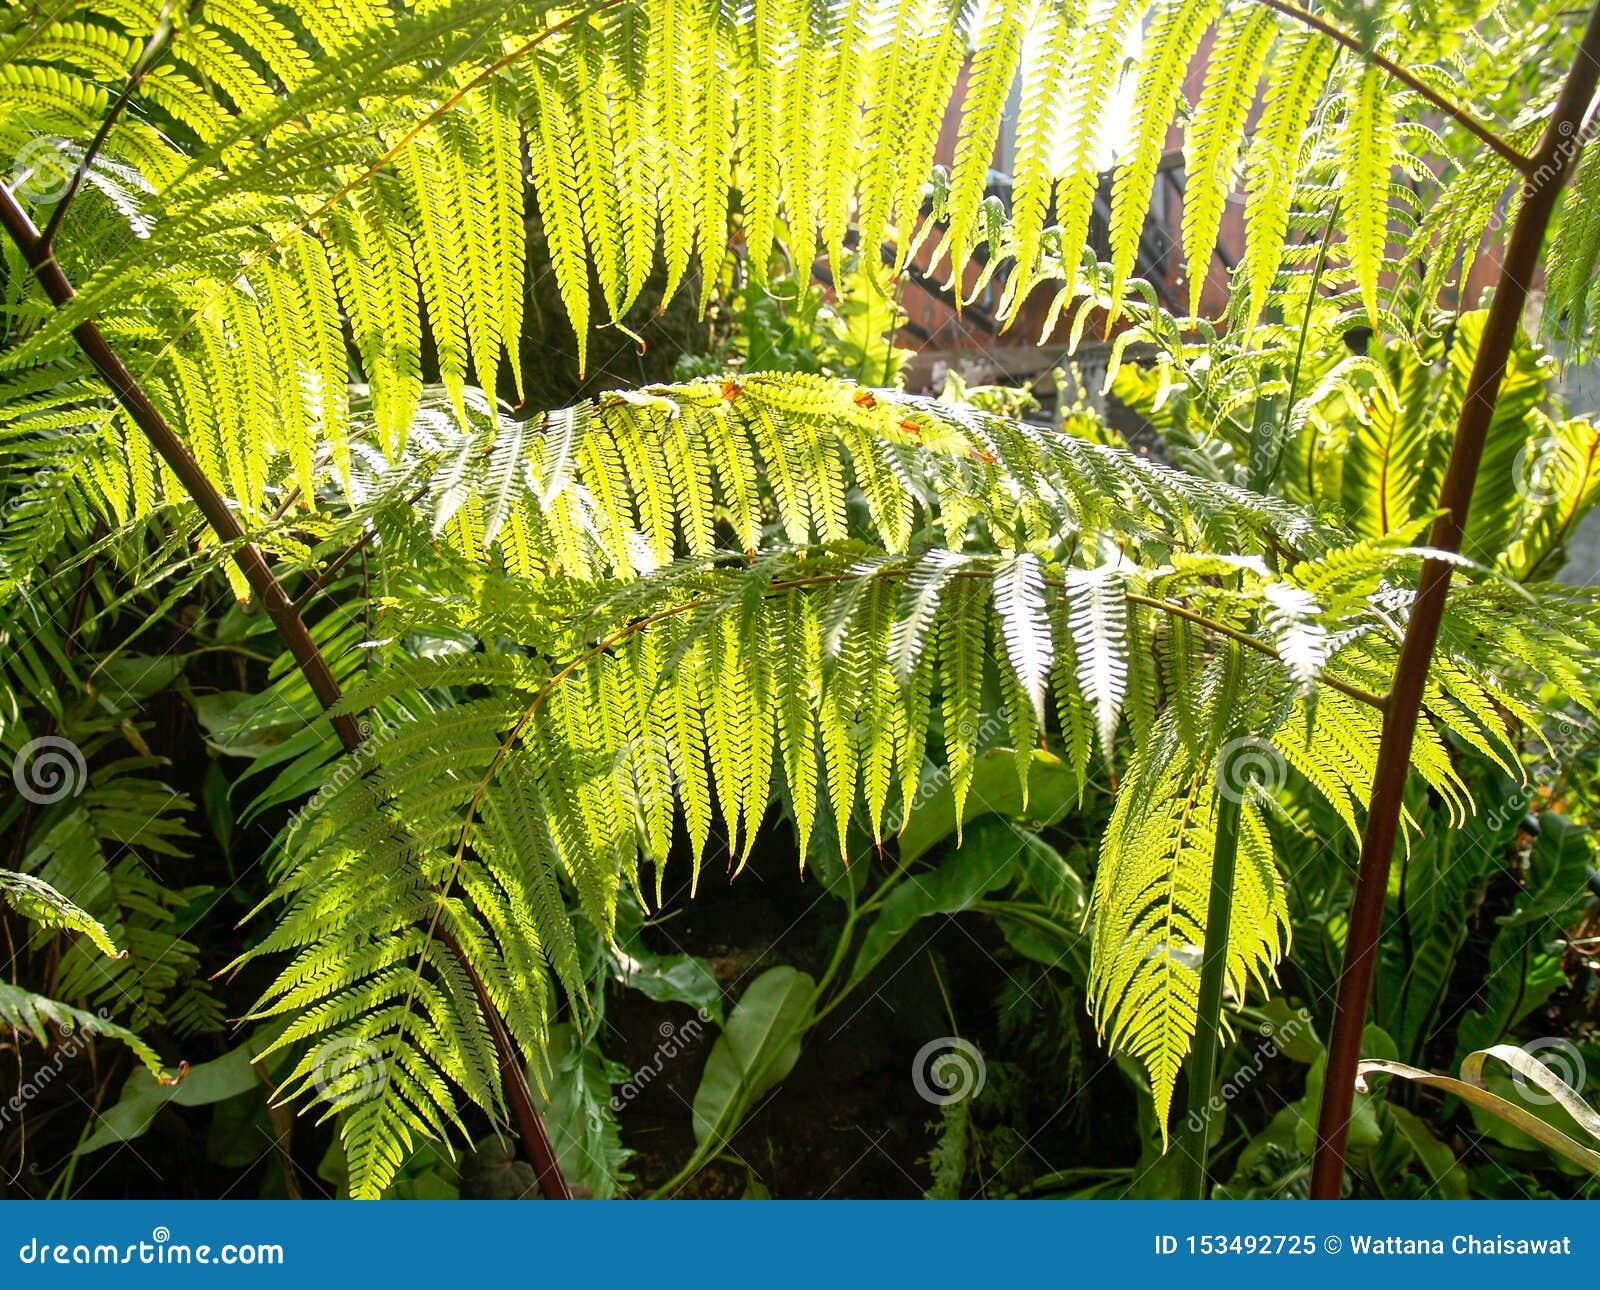 Los helechos en el jardín con luz del sol se envían a las hojas